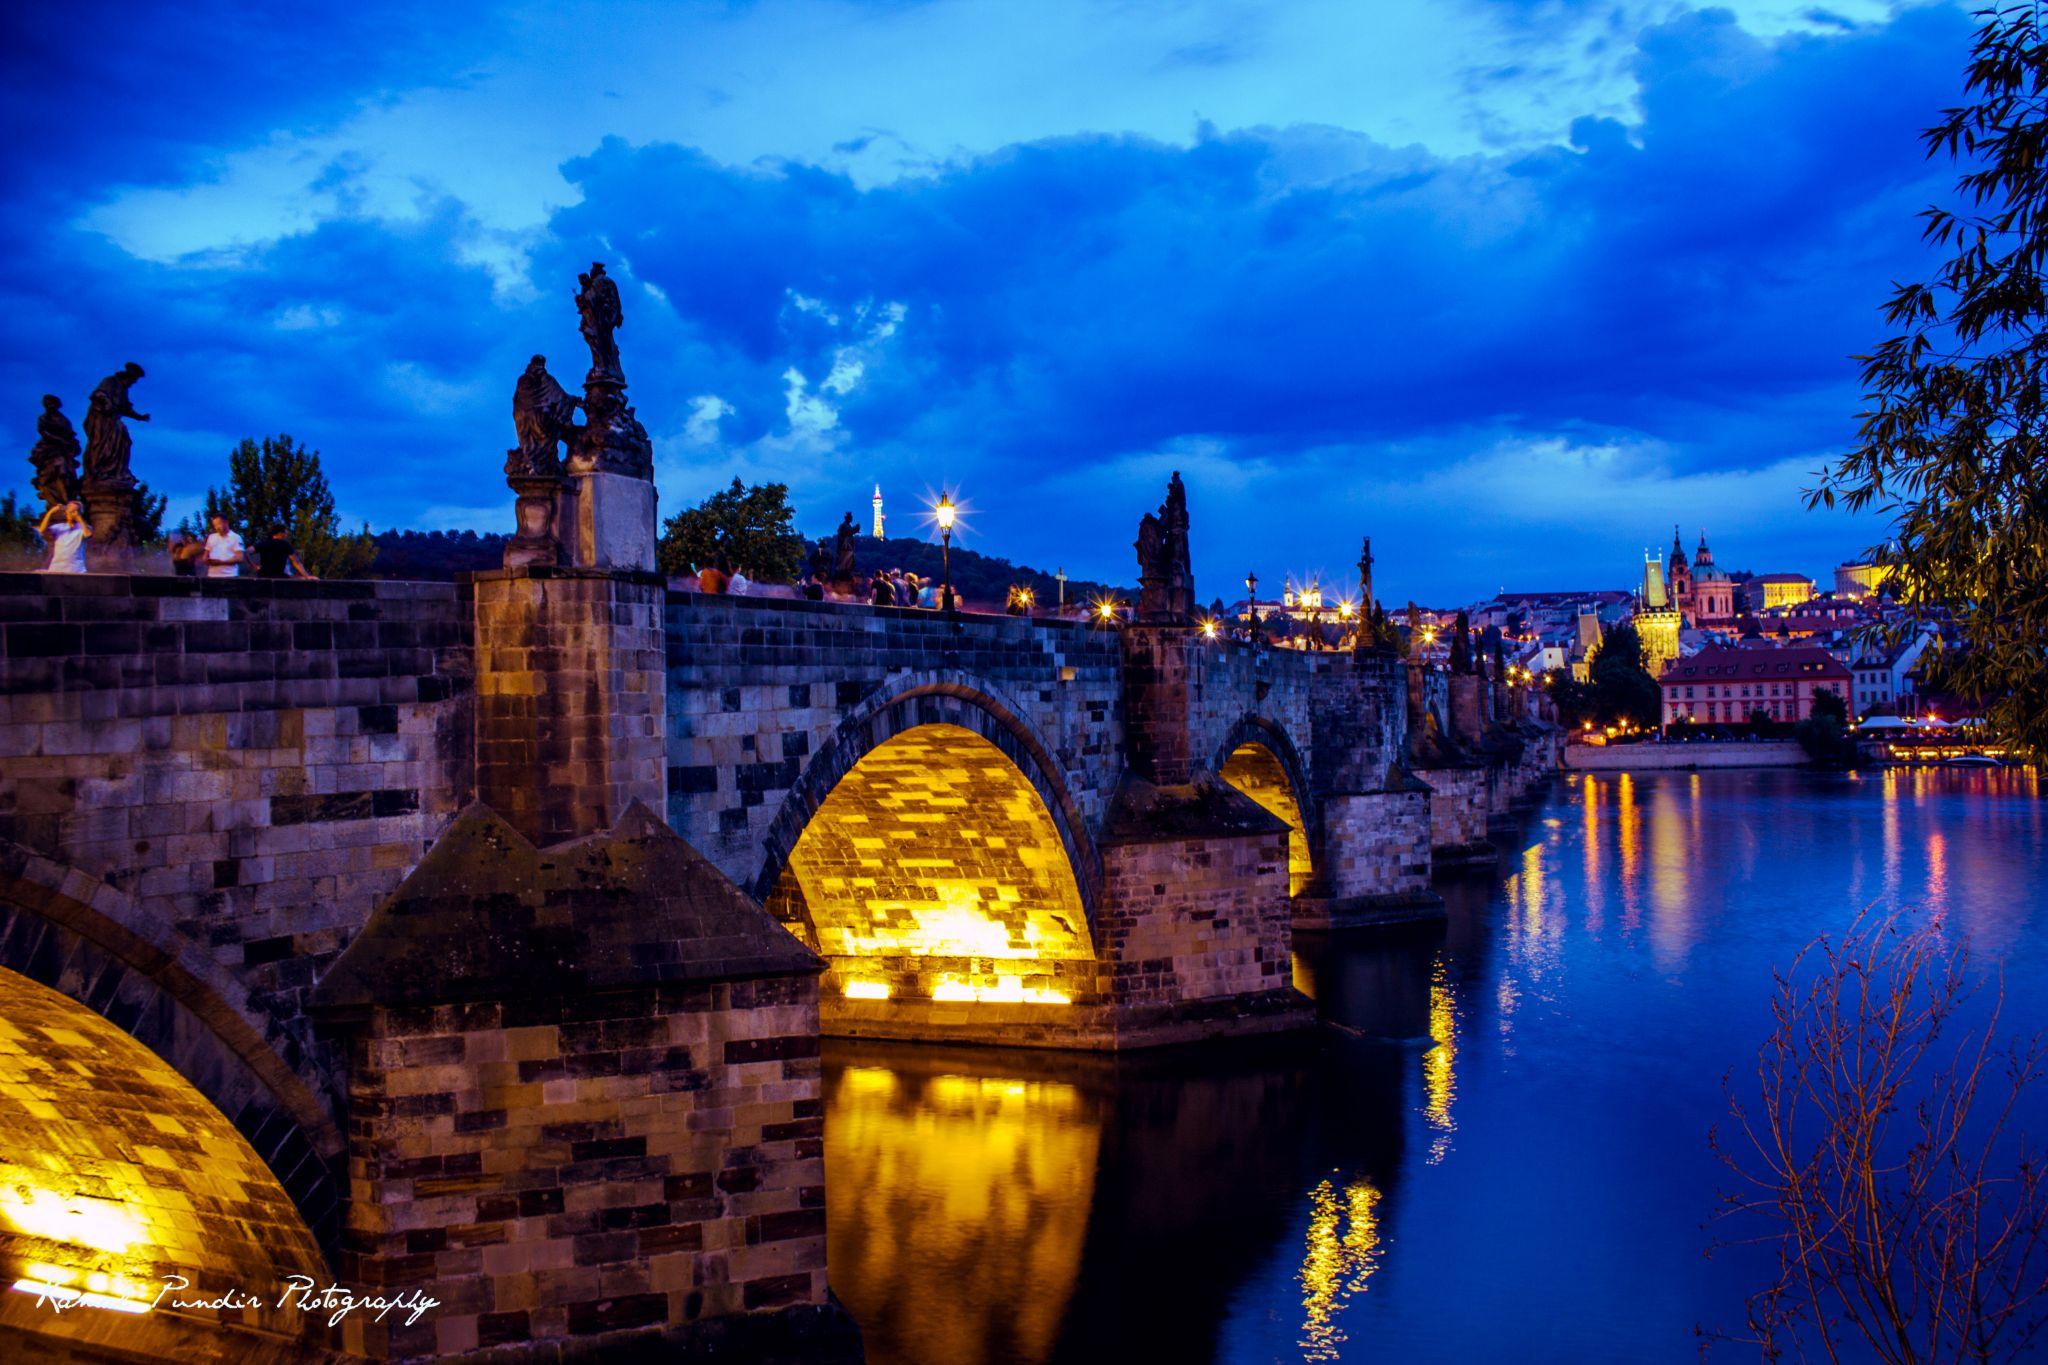 Charles Bridge and Royal Castle, Czech Republic